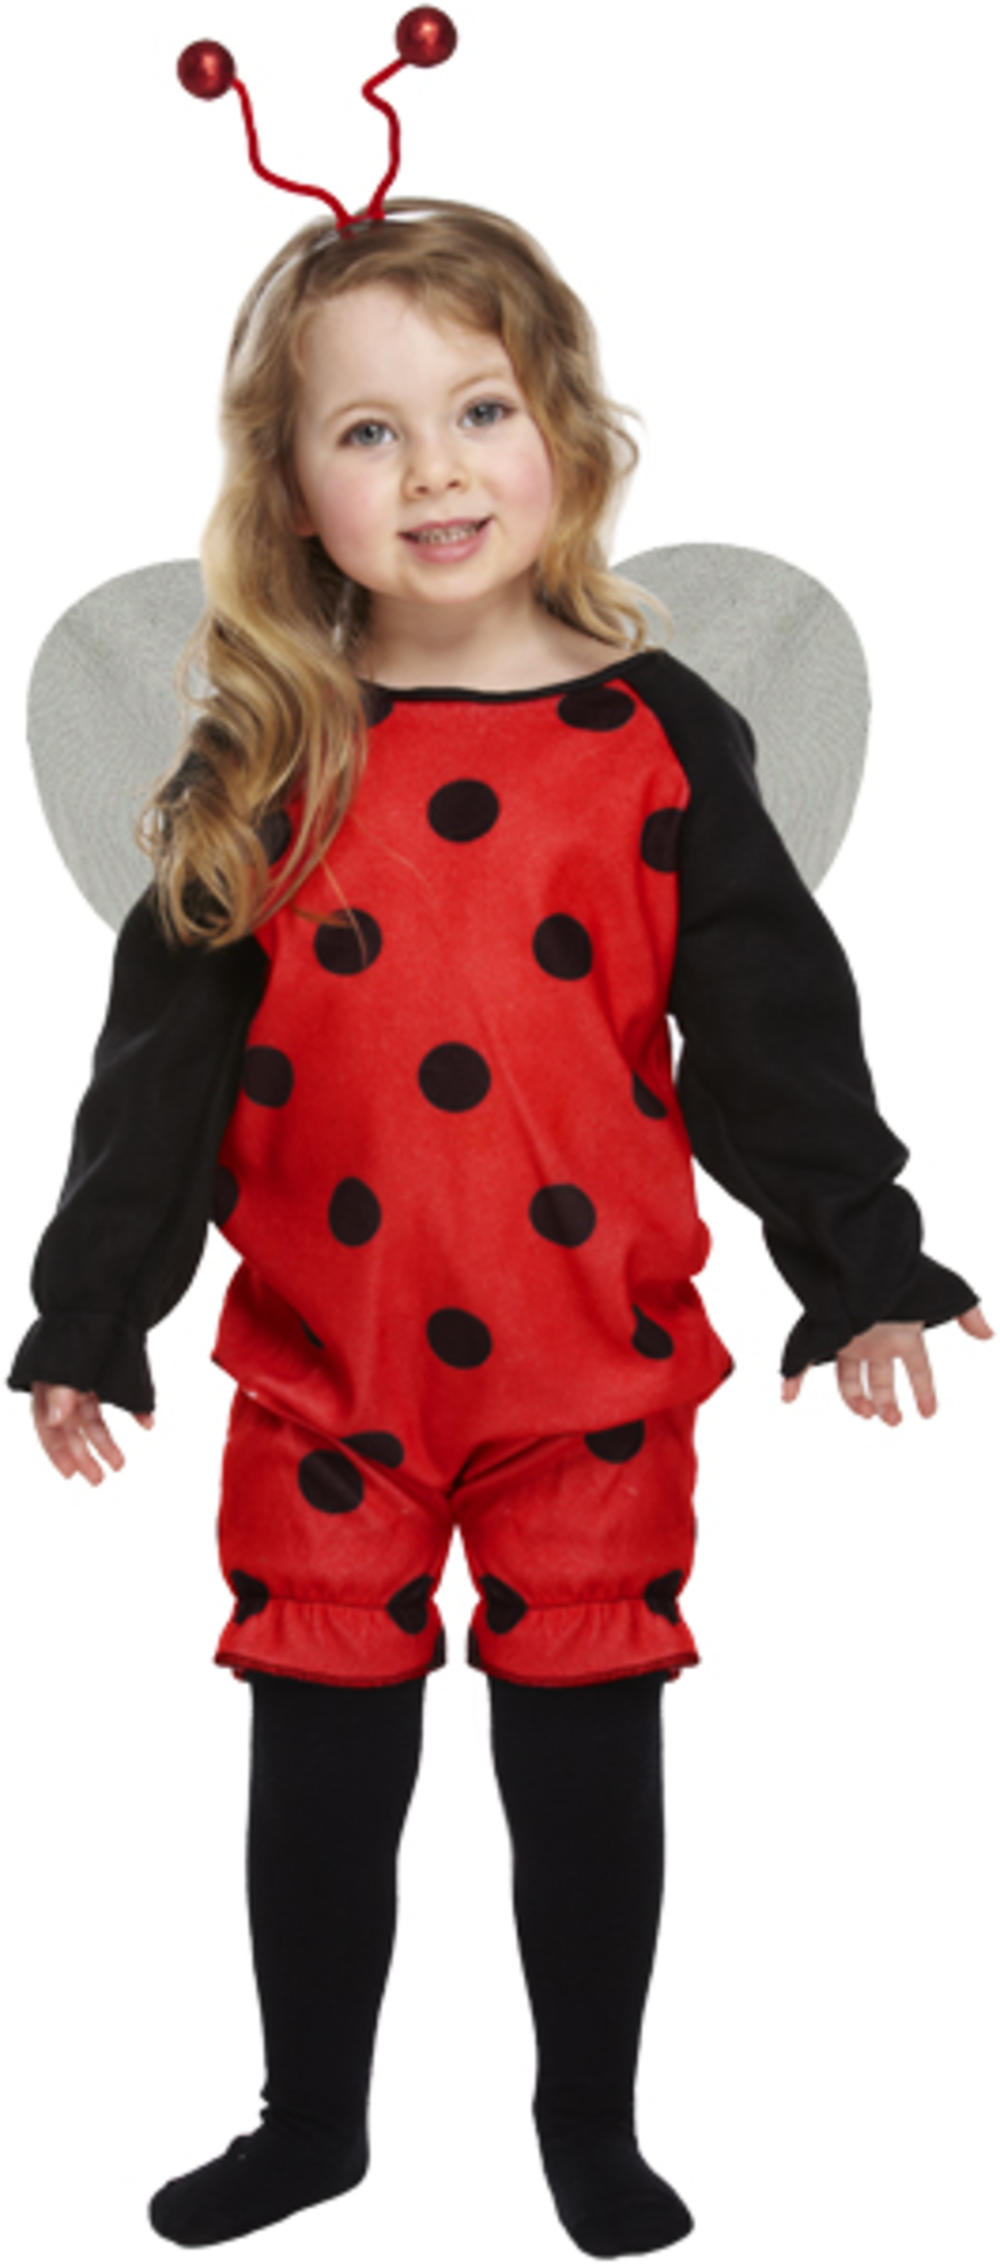 Kid's Ladybug Costume